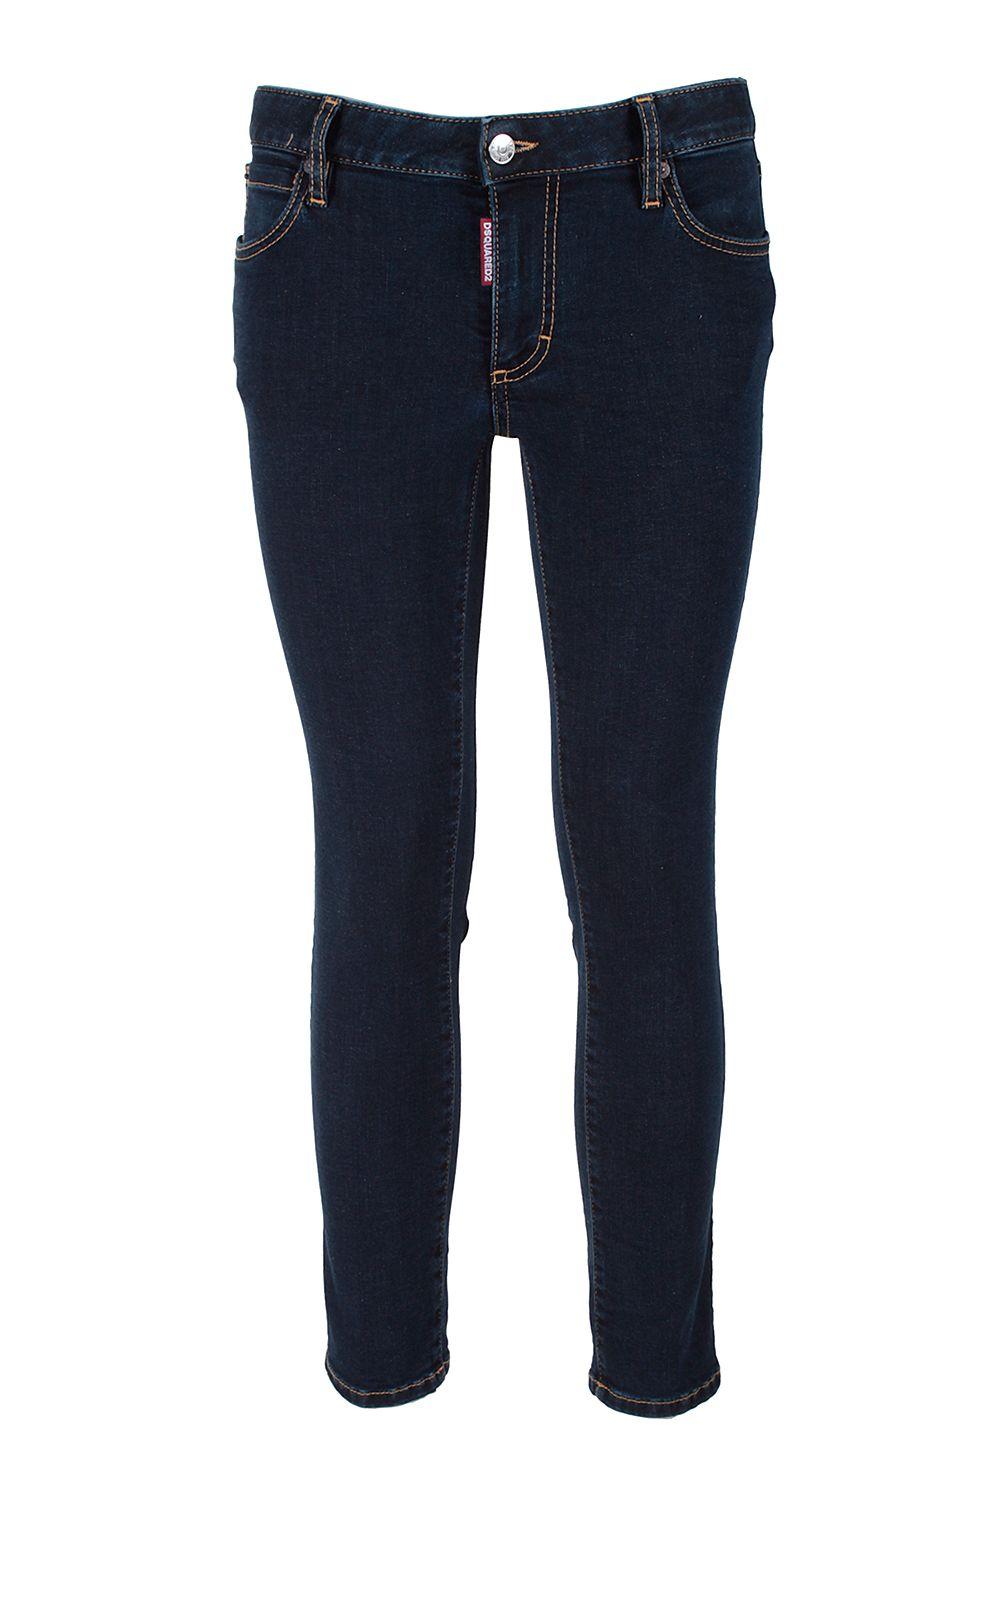 Twiggy cropped stretch denim jeans Dsquared2 5DI2Fl